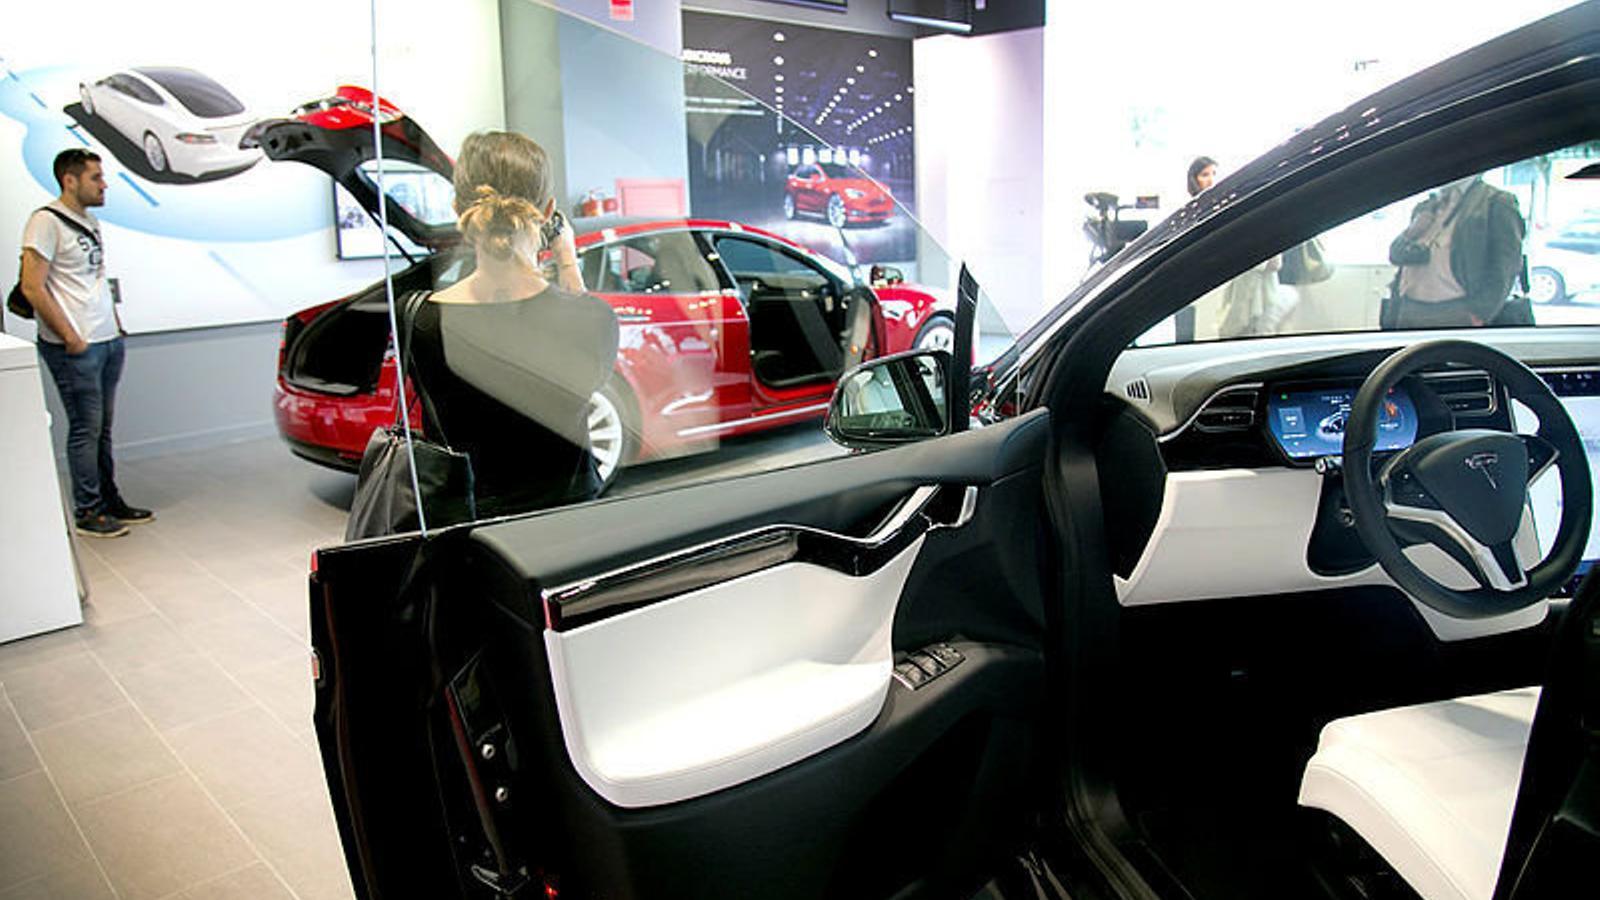 A Espanya s'han venut 1,6 milions de vehicles nous durant 2018, un 7% més que l'any anterior.